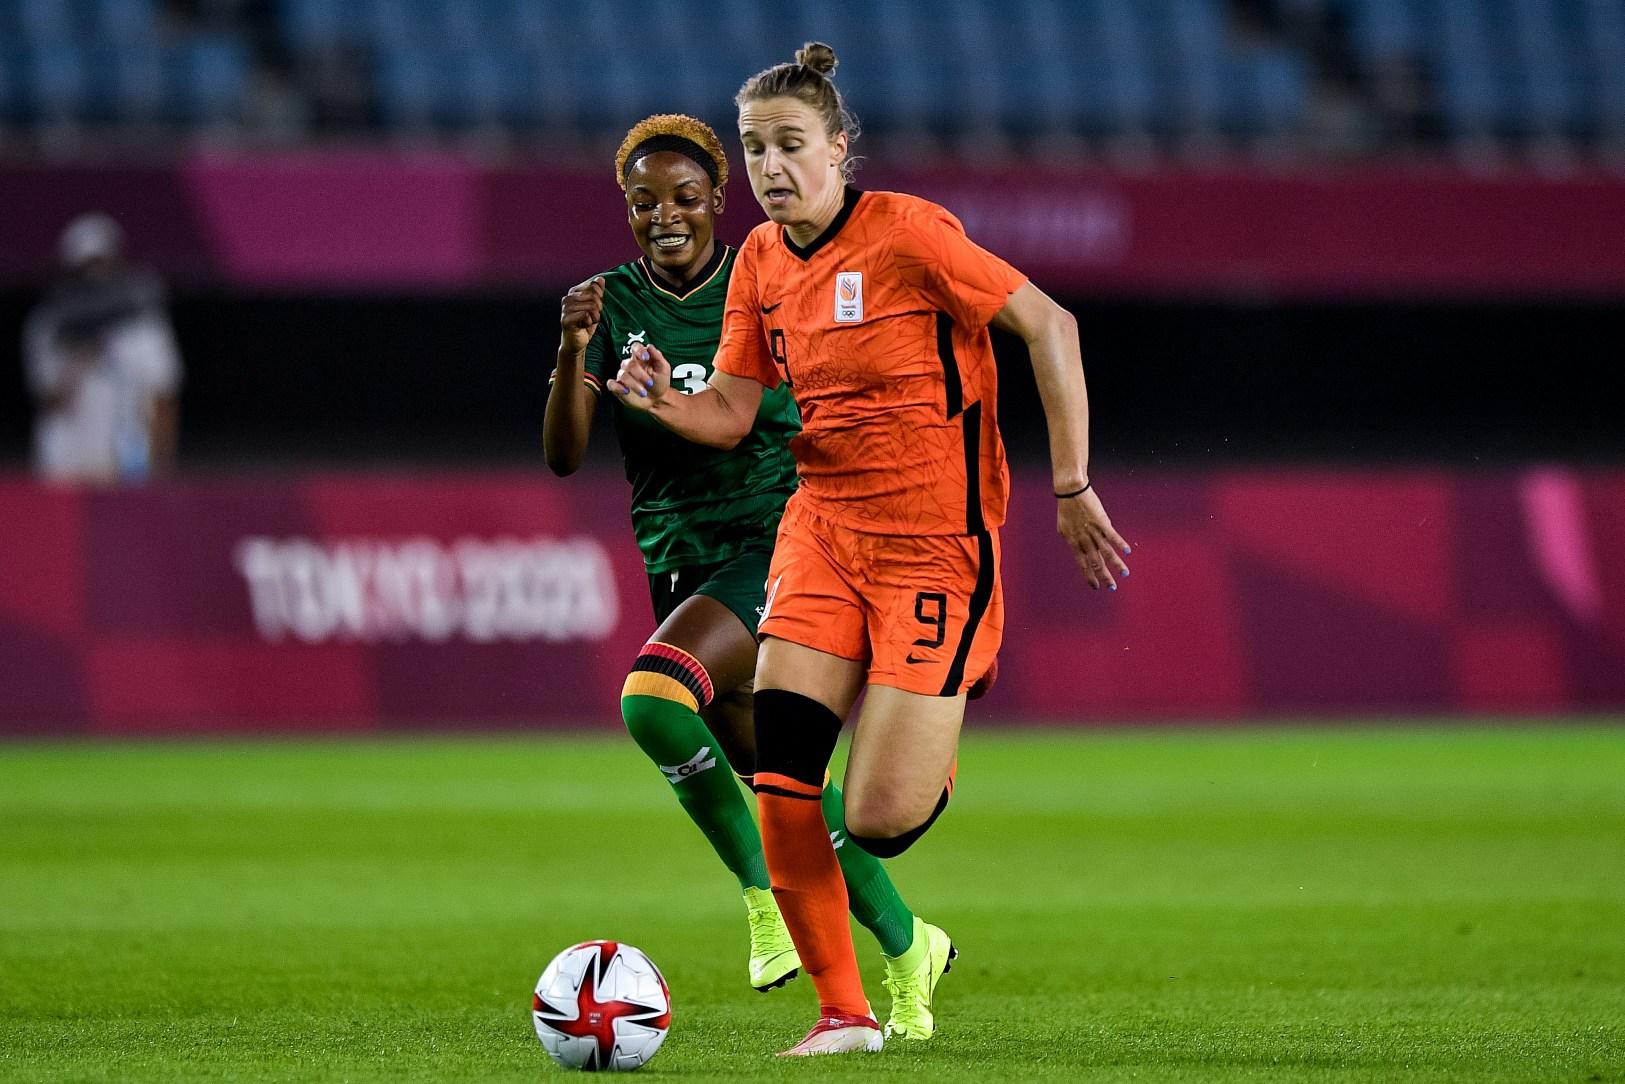 ¡De escándalo! Países Bajos vence 10-3 a Zambia en futbol olímpico